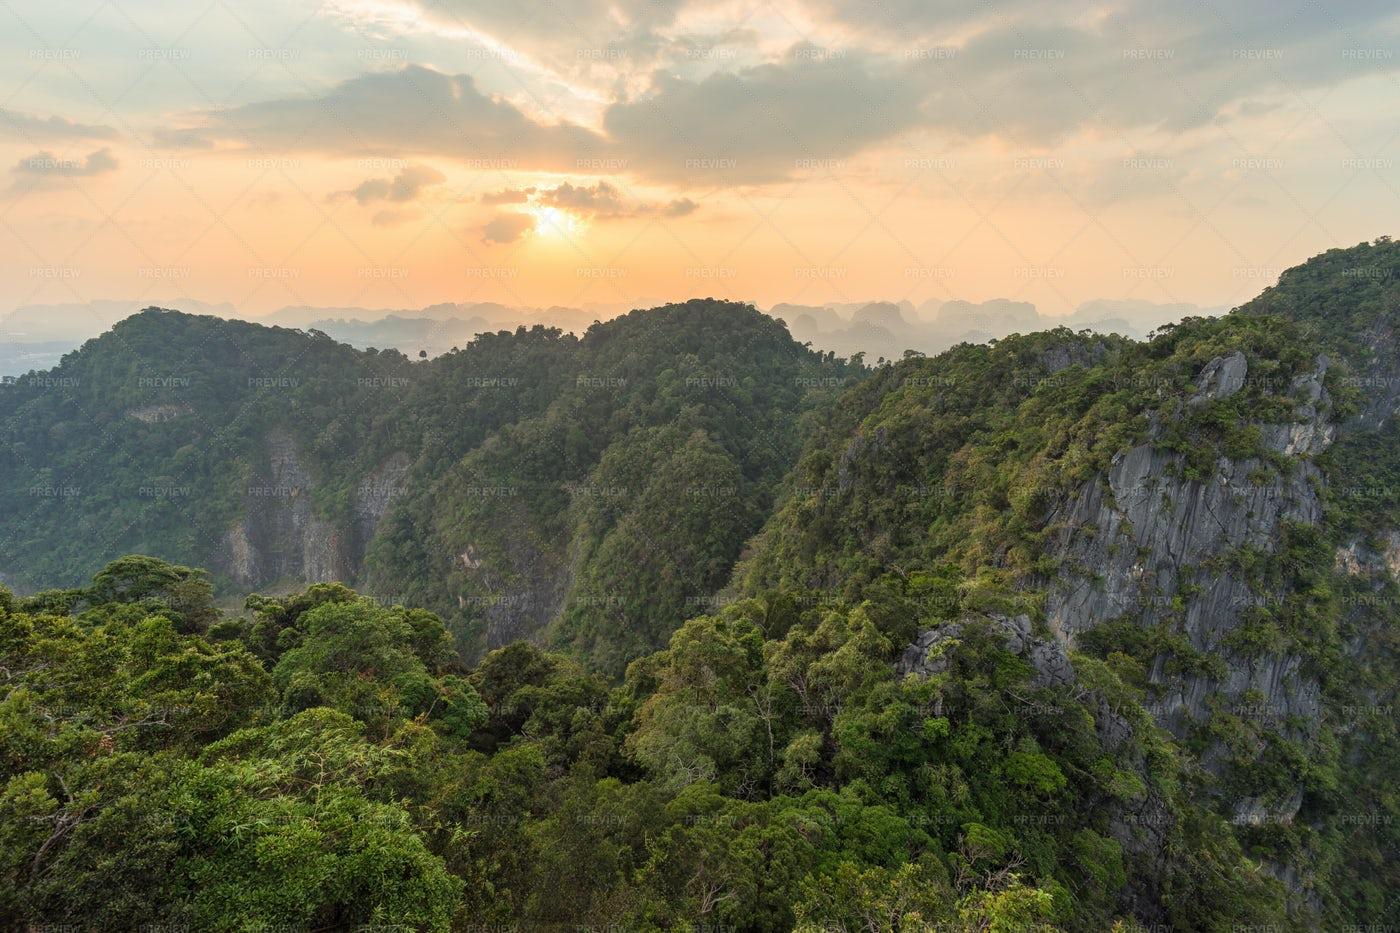 Asian Mountains At Sunset: Stock Photos